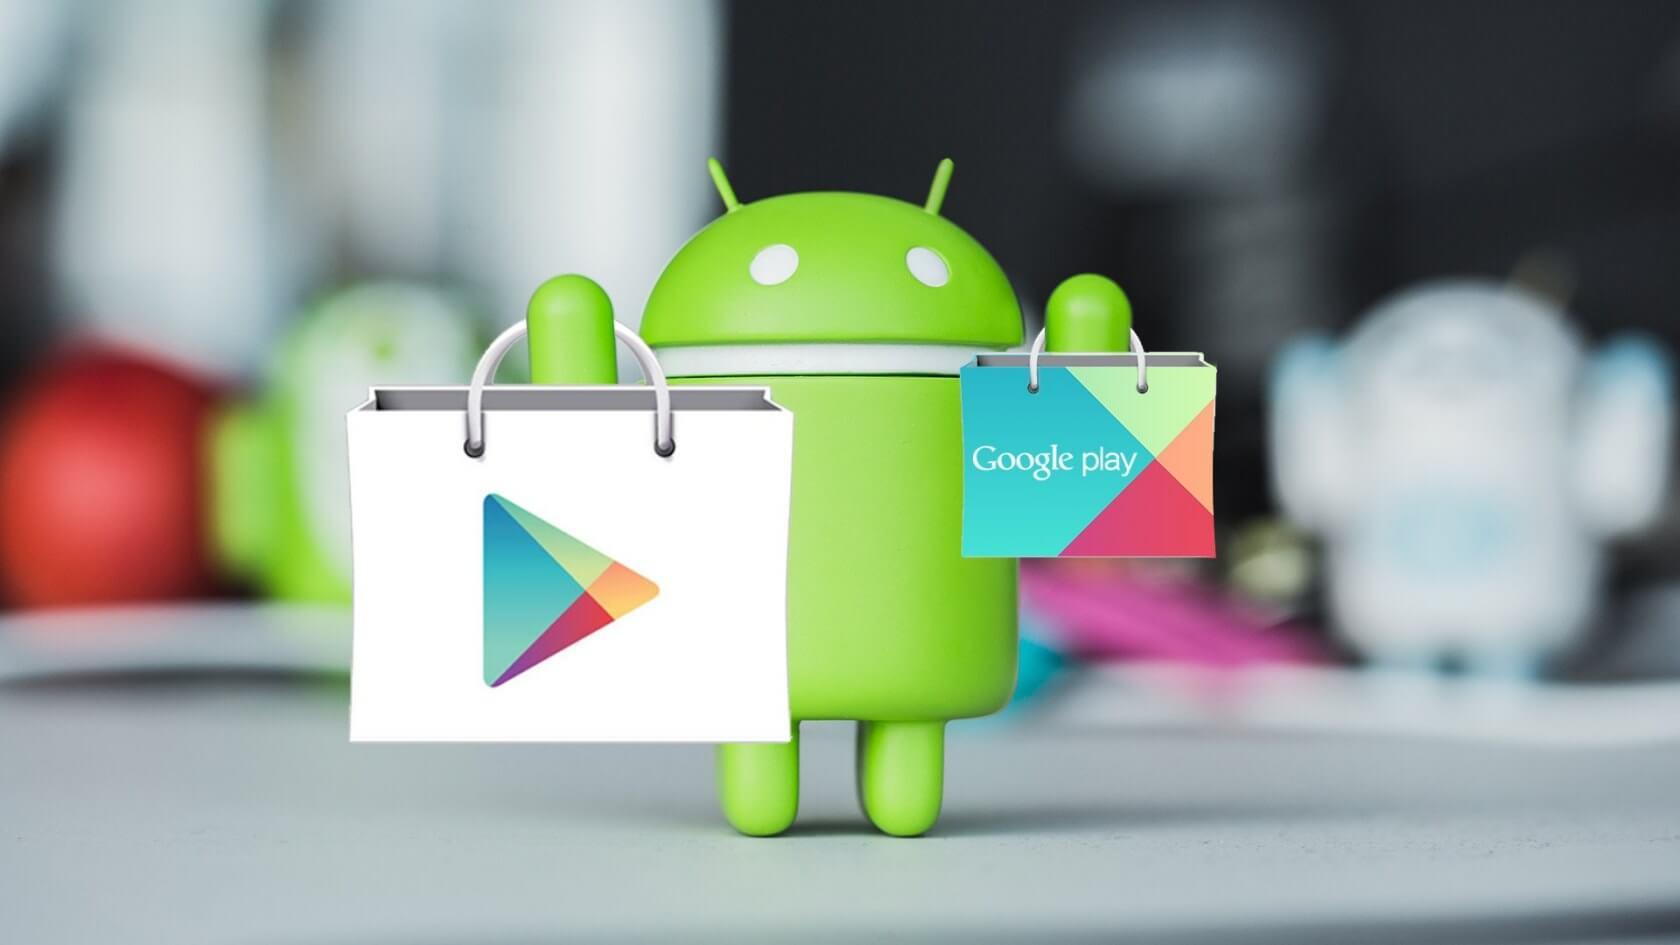 ¡Increible! La Google Play Store permitirá compartir apps a tus amigos